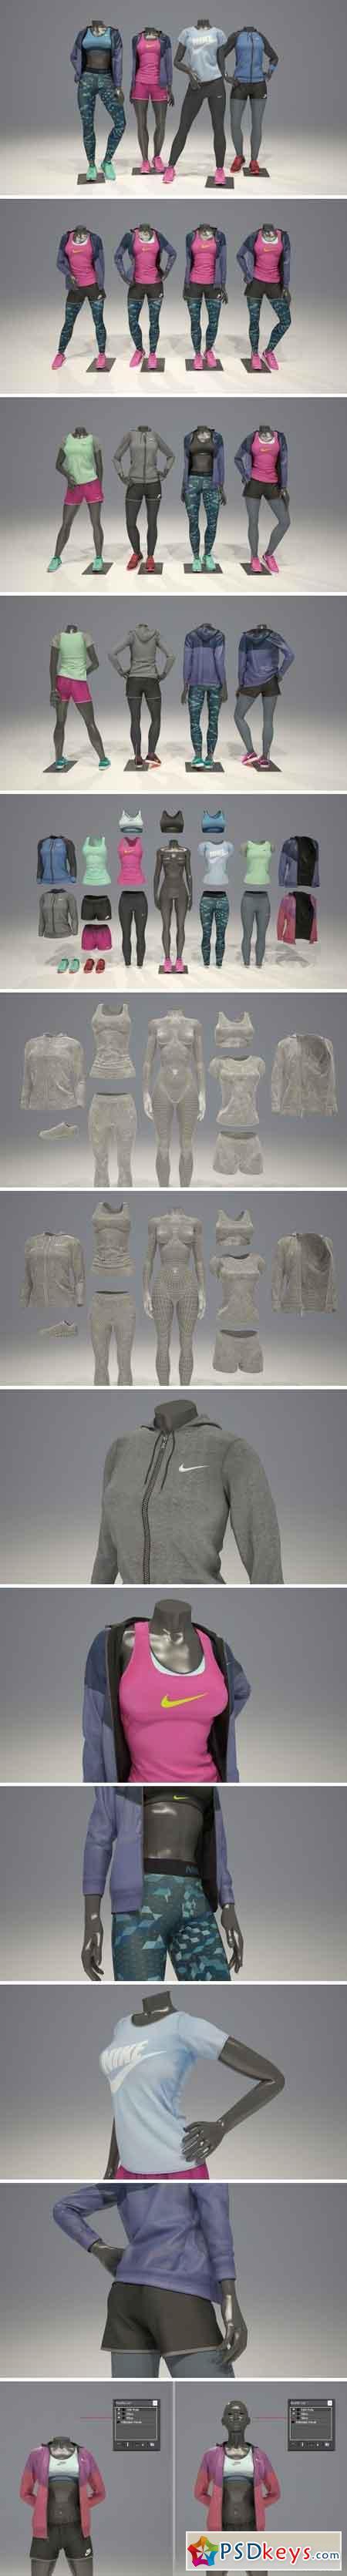 Female mannequin Nike pack 2 2126478